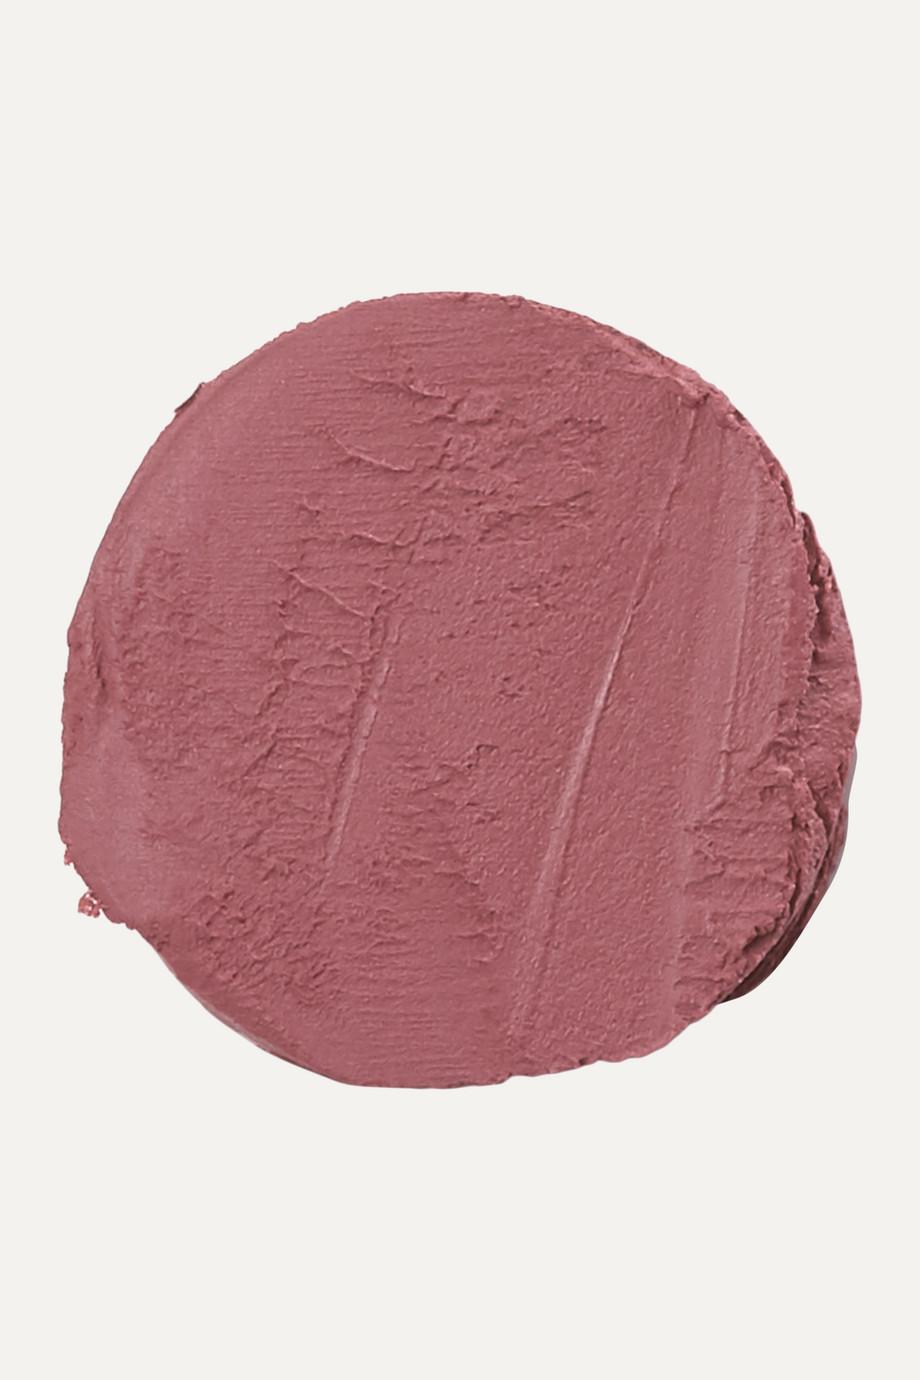 Huda Beauty Power Bullet Matte Lipstick - Girls Trip